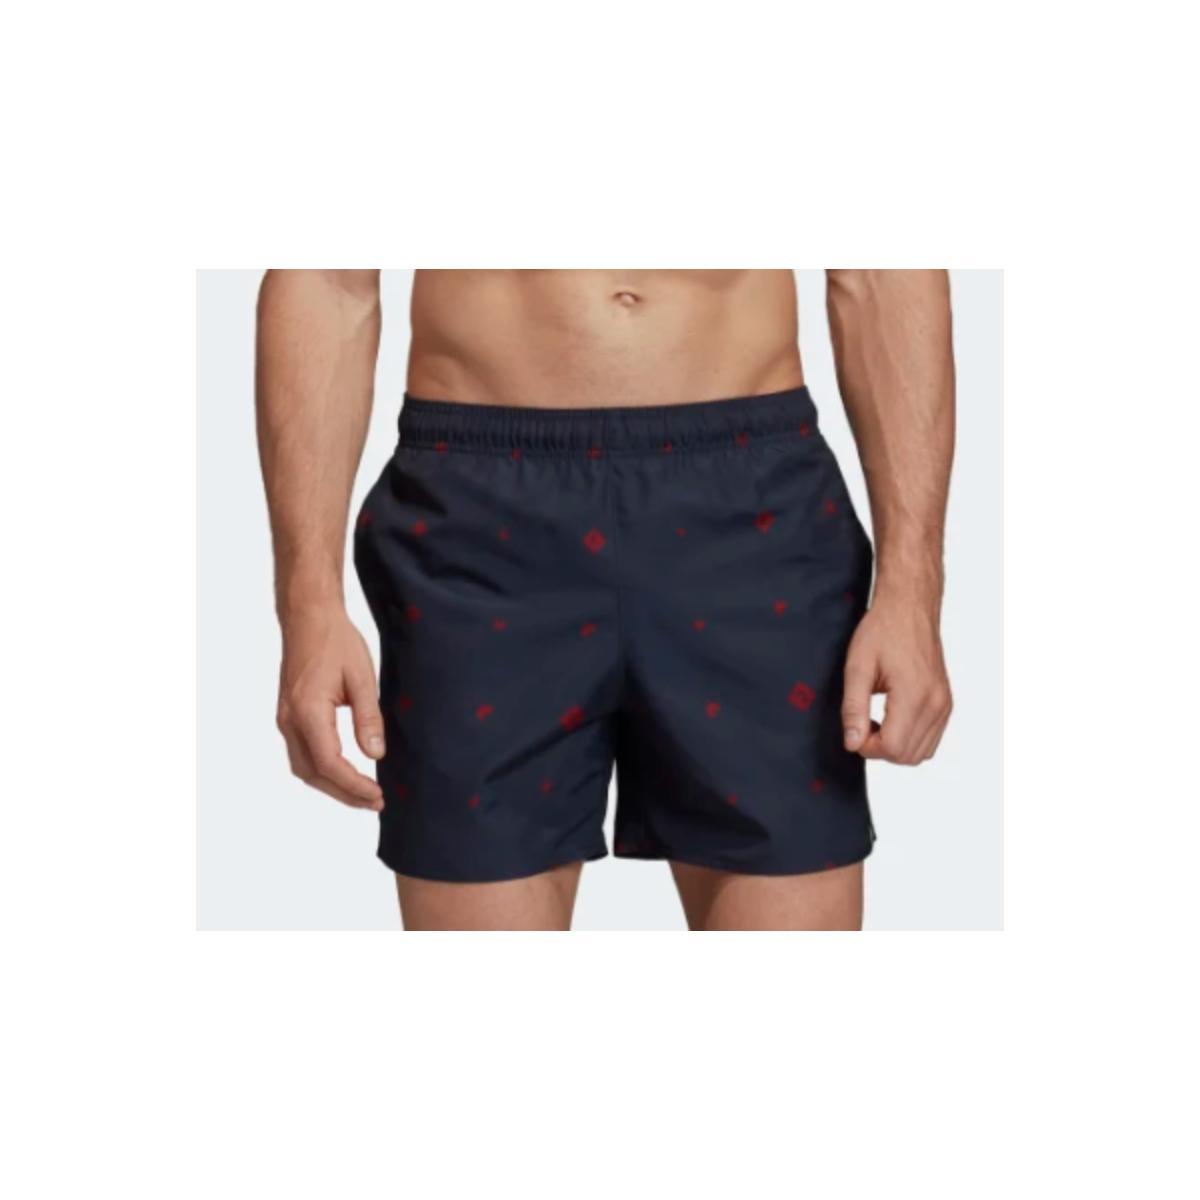 Short Masculino Adidas Dy6395 Aop sl m Marinho Estampado